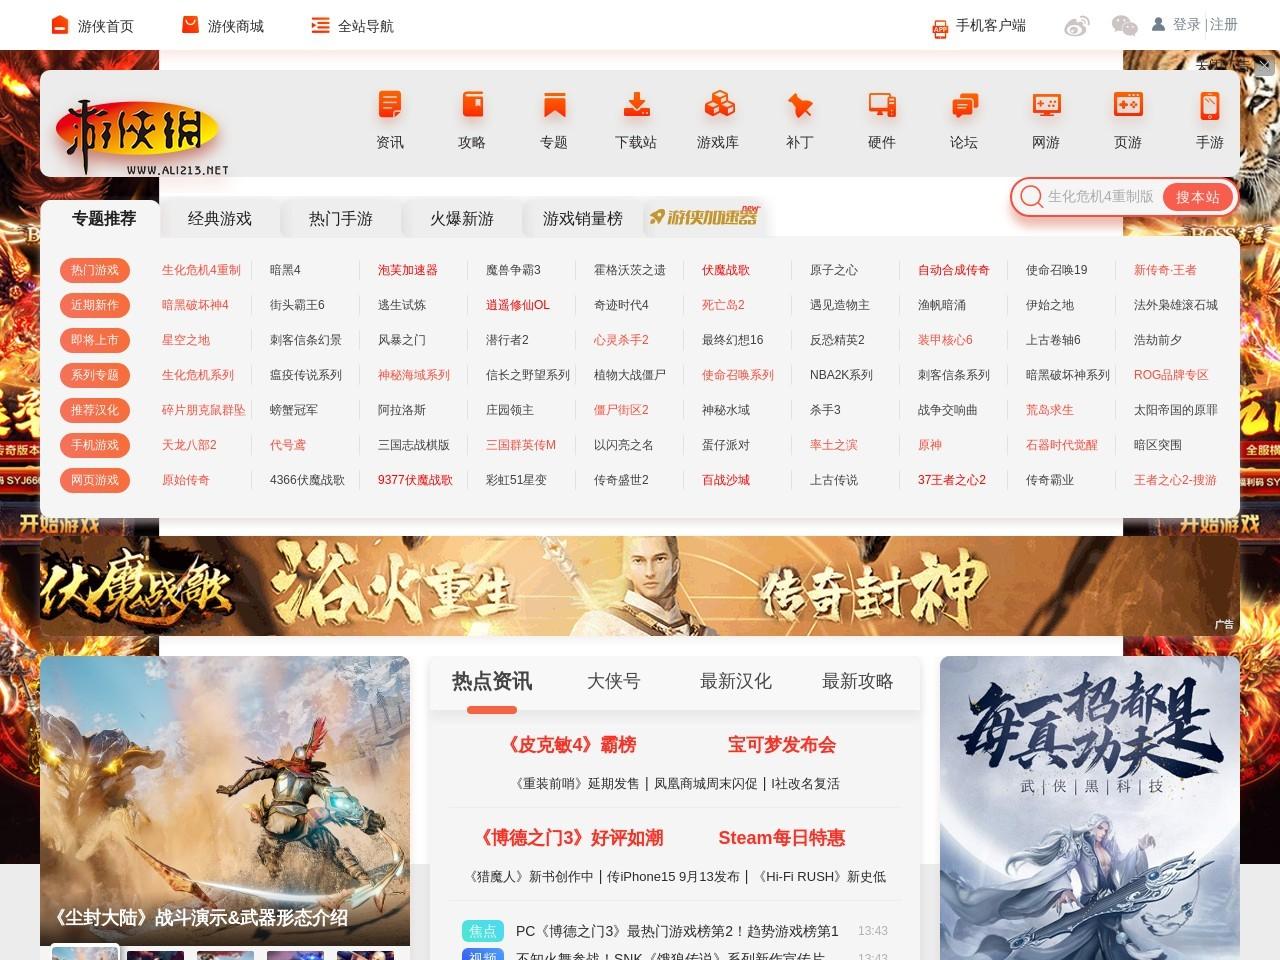 《杀手3》曾险些变成免费游戏!但被IO工作室拒绝_游侠网 Ali213.net